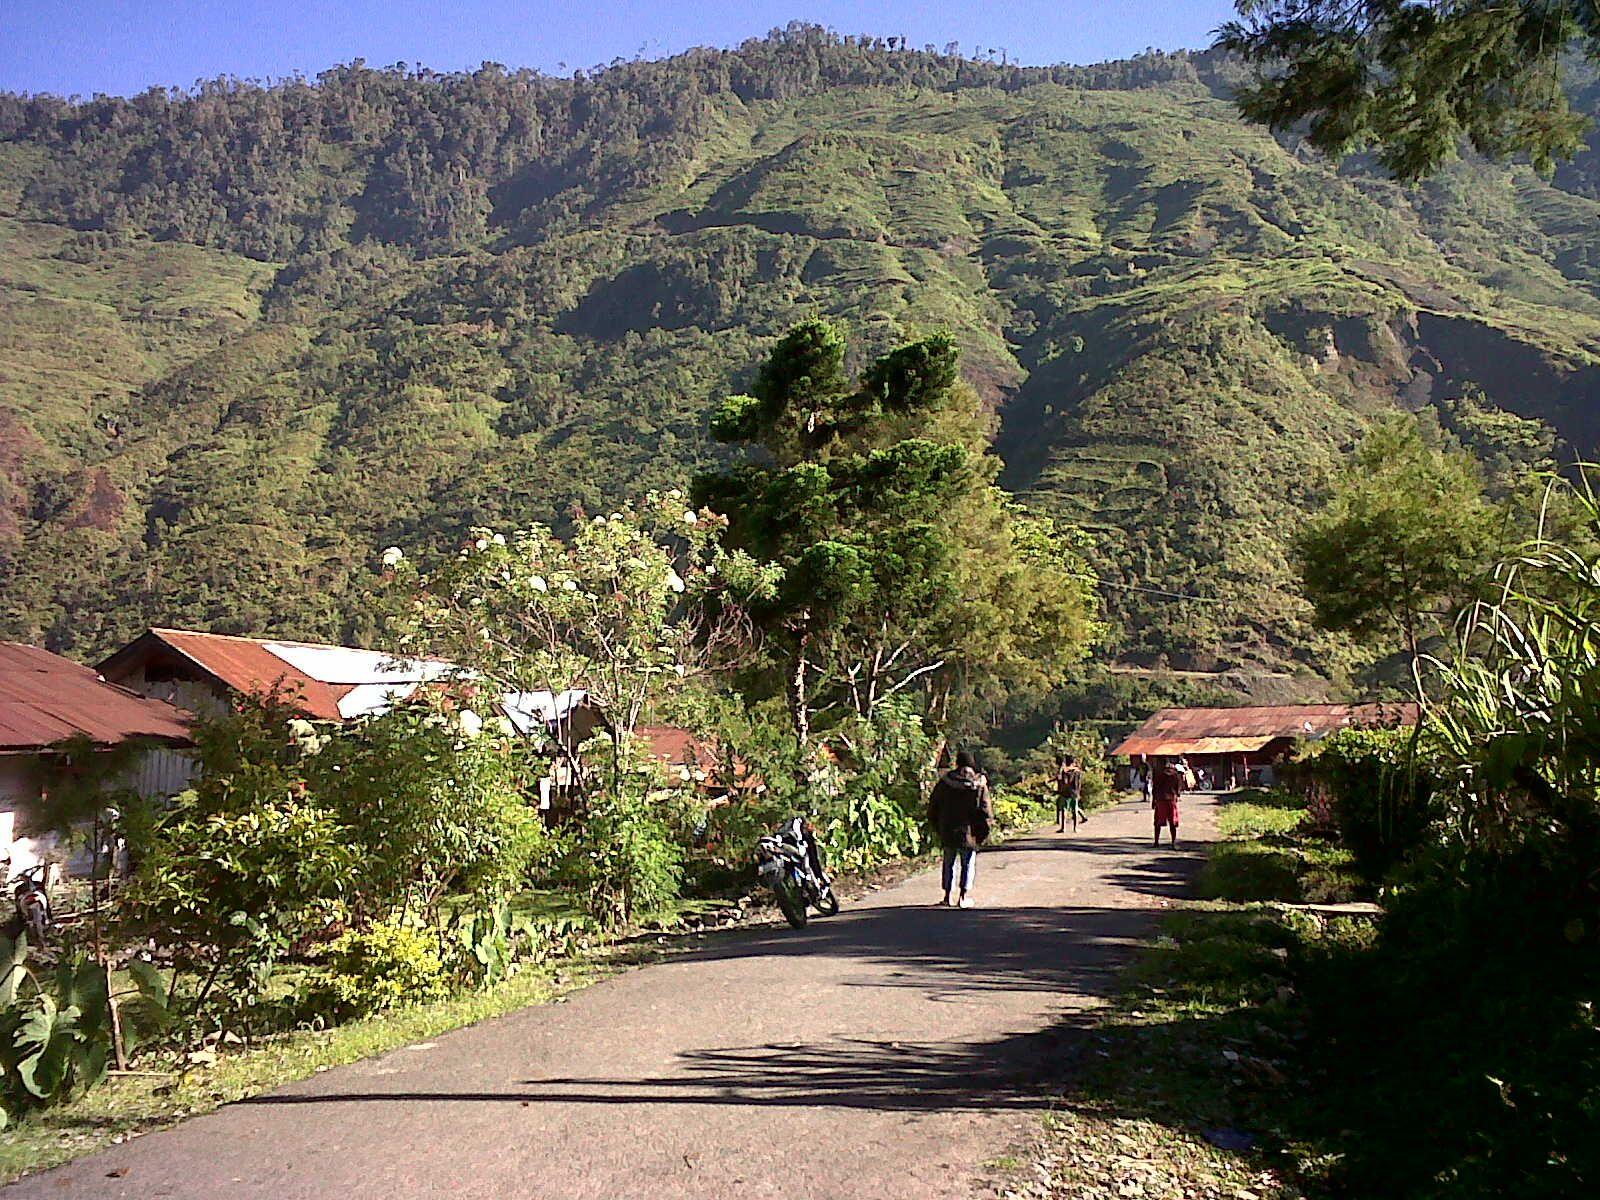 Mulia, Puncak Jaya, Papua   Indonesia, Perjalanan, Kota